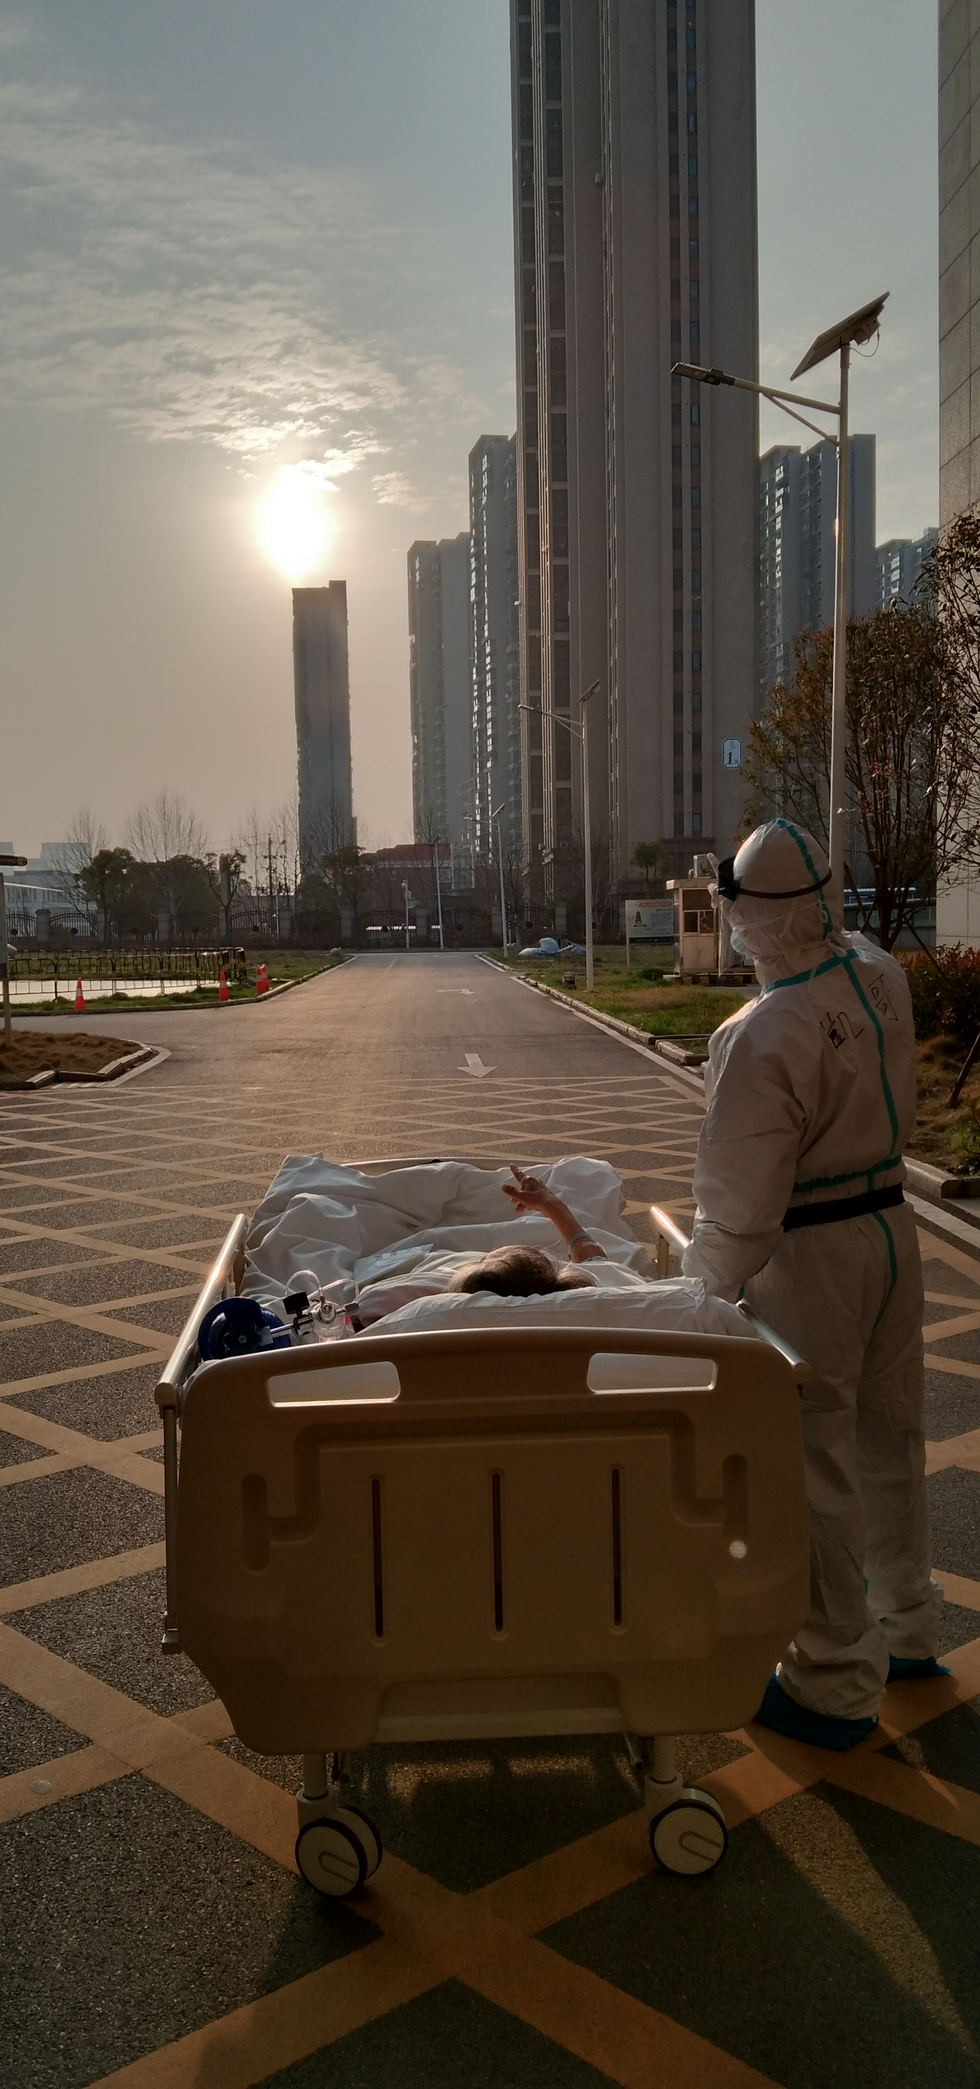 Nhìn lại 2020: COVID-19 và những khoảnh khắc khó quên tại Trung Quốc - Ảnh 12.